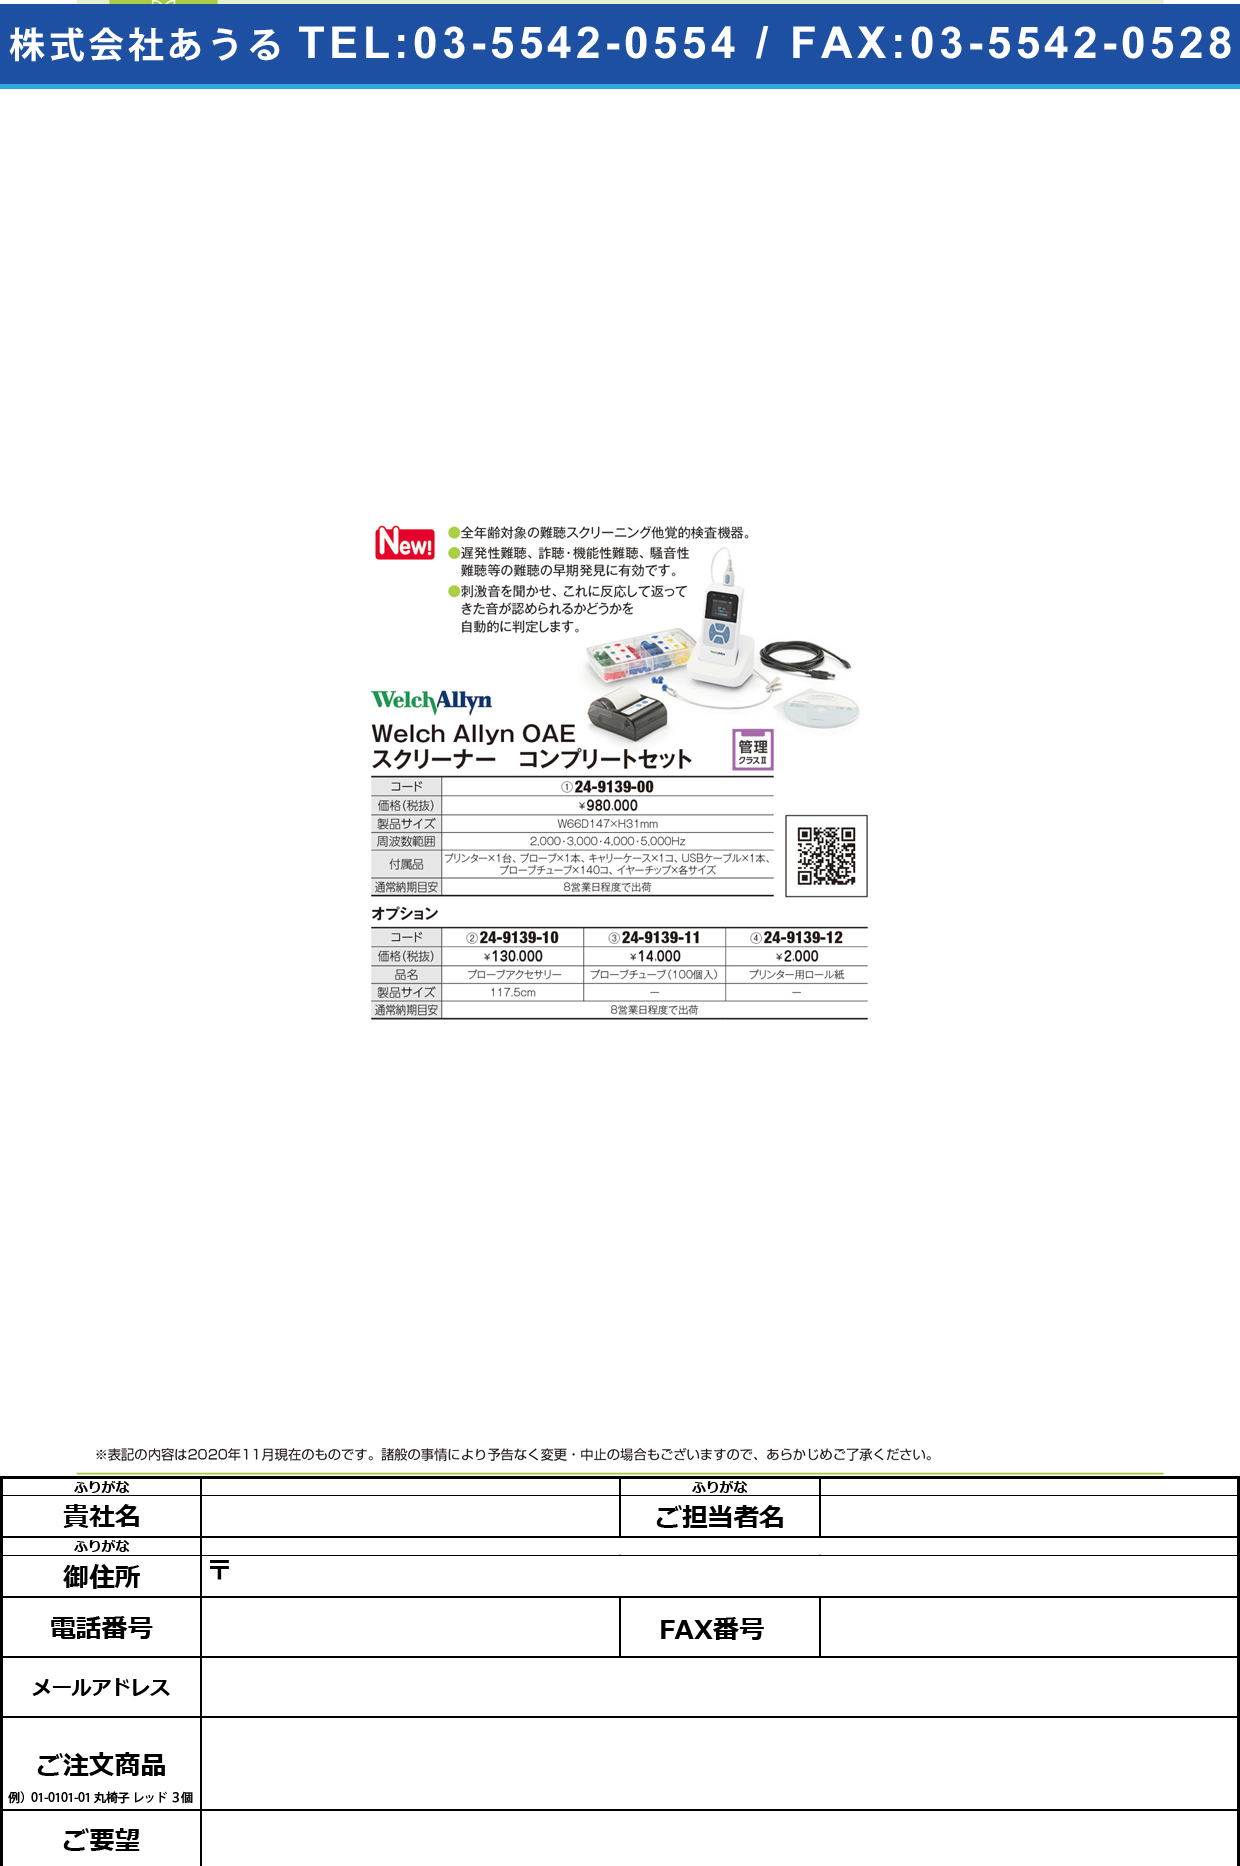 スクリーナープリンター用ロール紙 3941239412(24-9139-12)【ウェルチ・アレン・ジャパン】(販売単位:1)